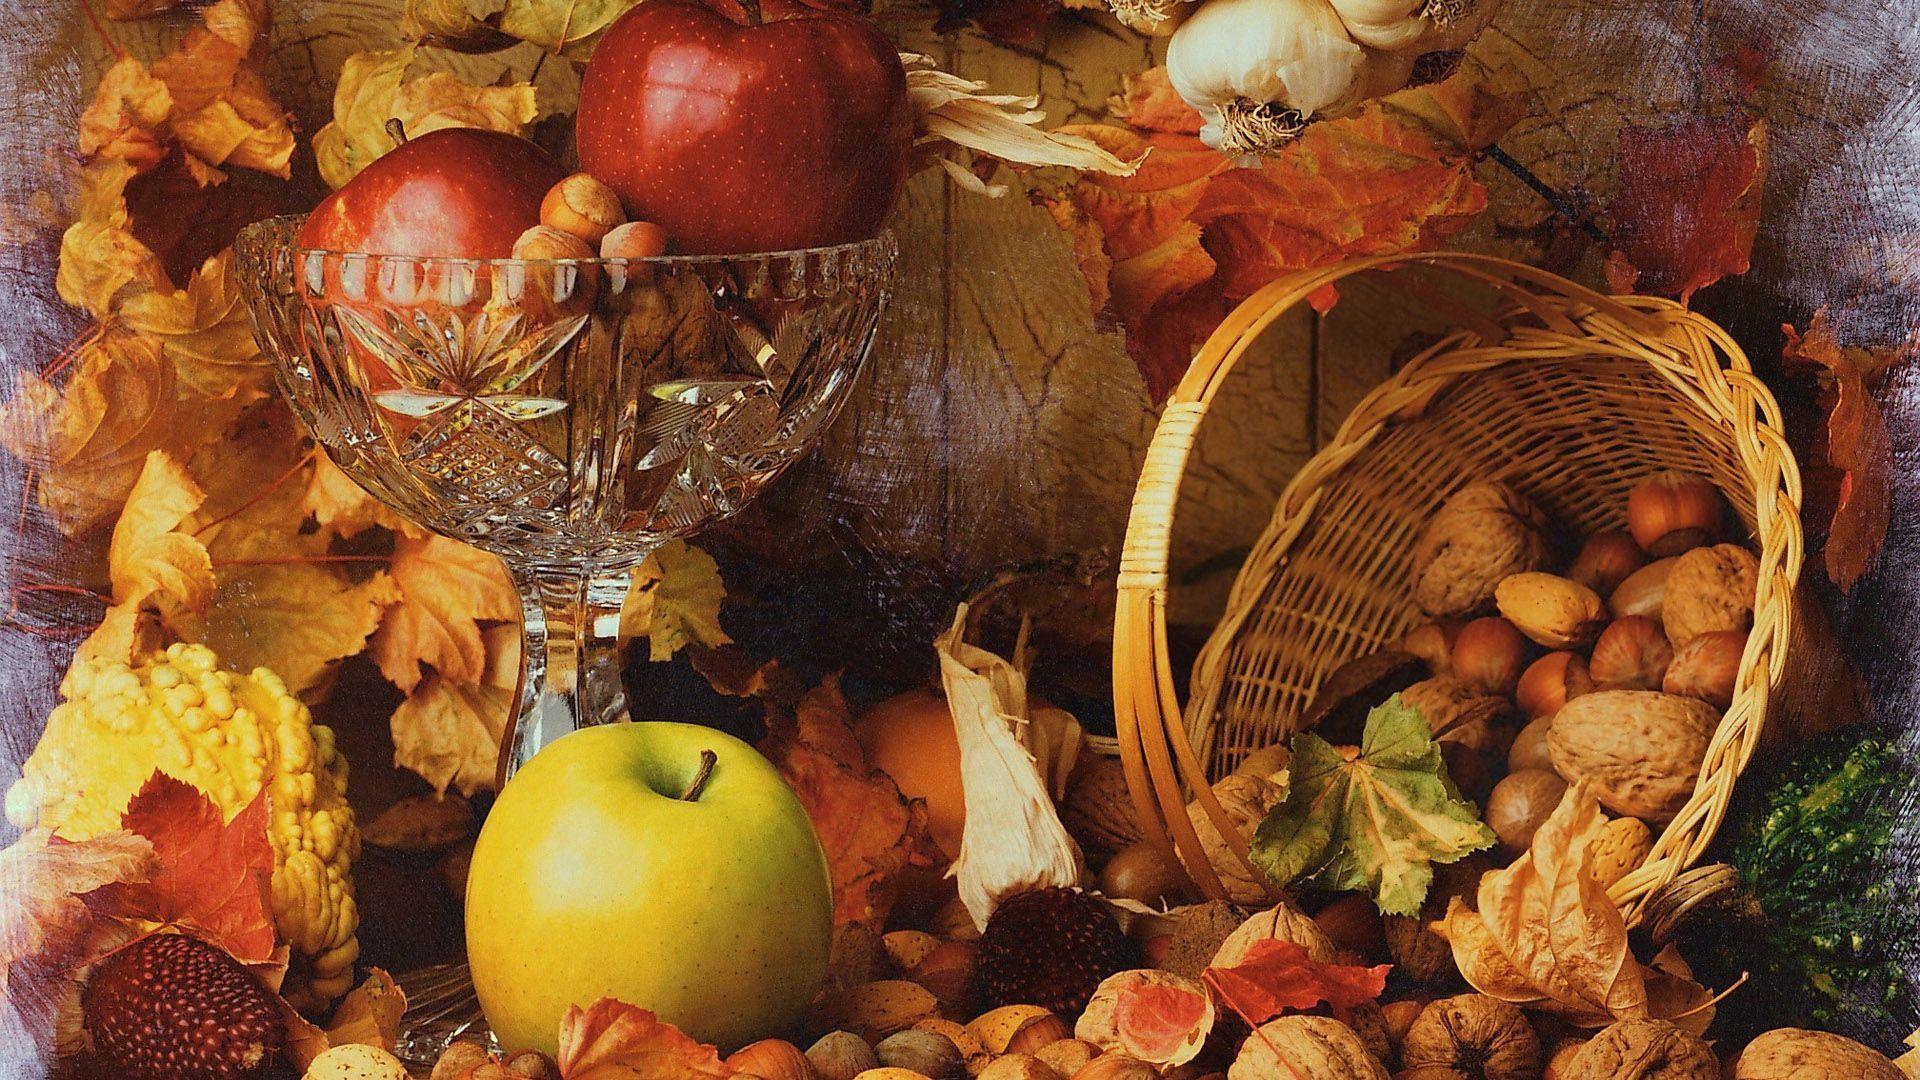 thanksgiving hd wallpaper widescreen 1920x1080 - photo #15